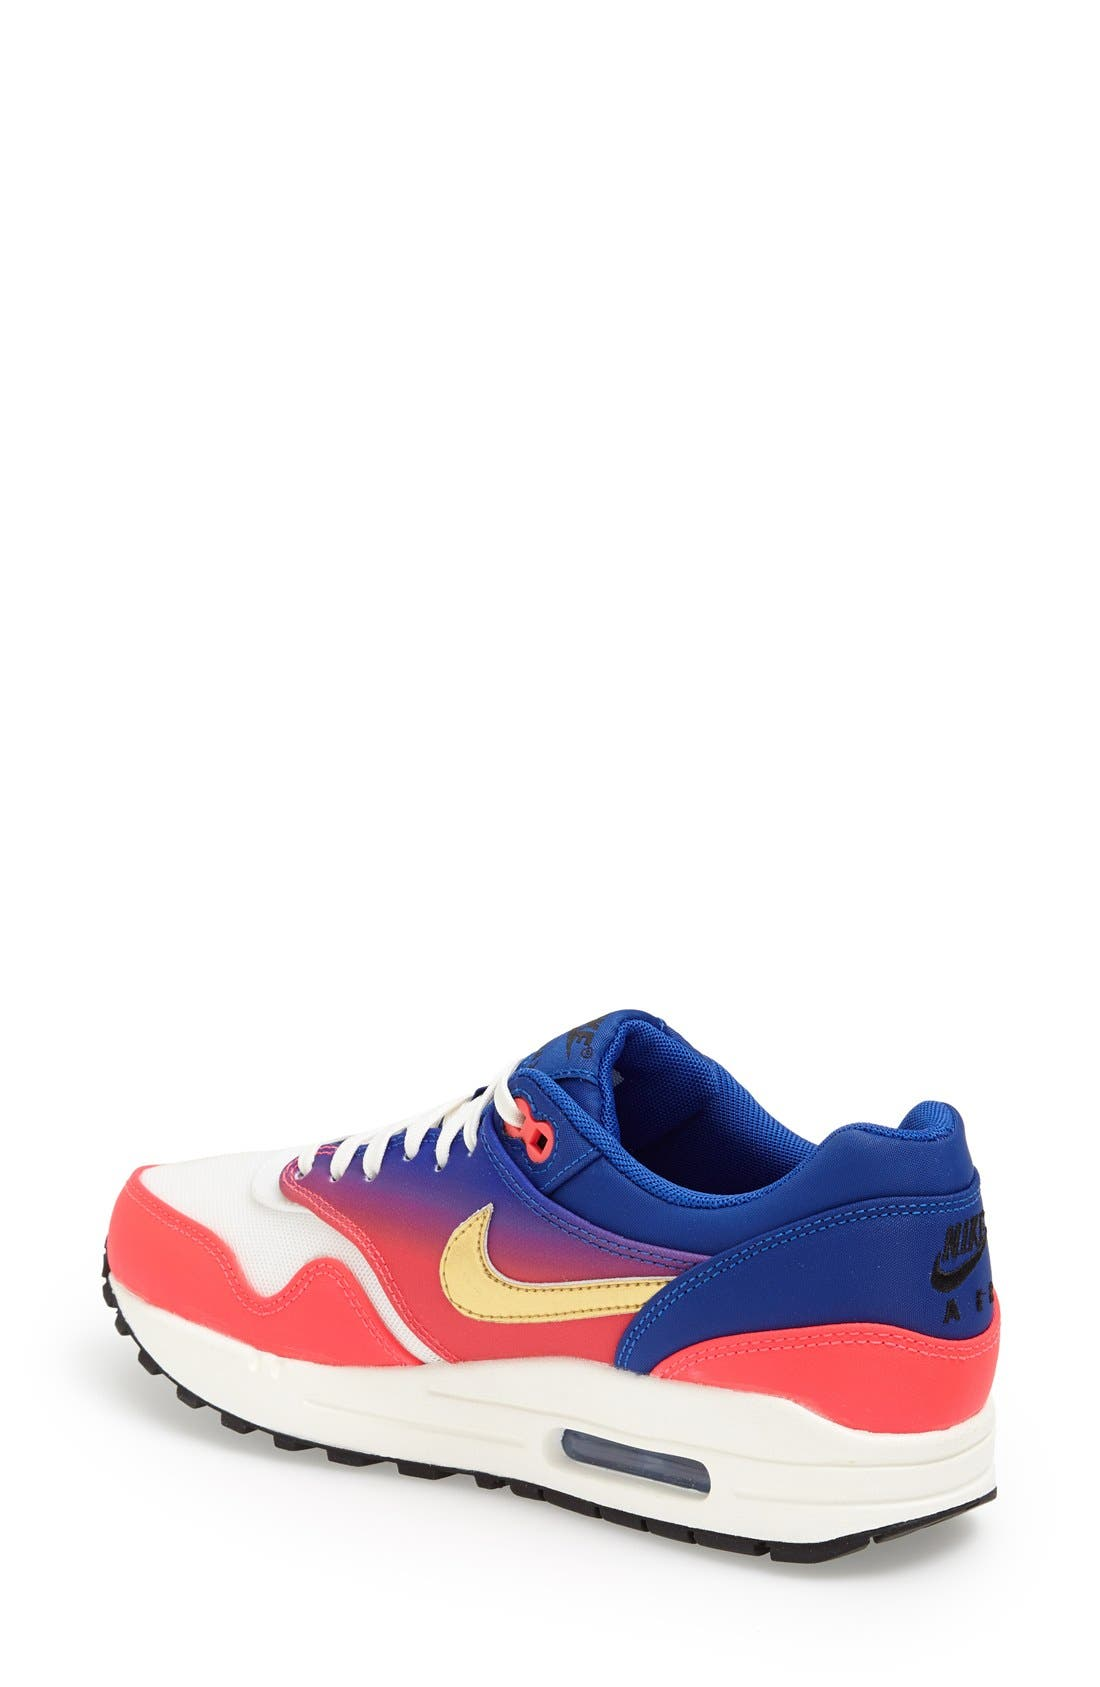 Alternate Image 2  - Nike 'Air Max 1 Vintage' Sneakers (Women)